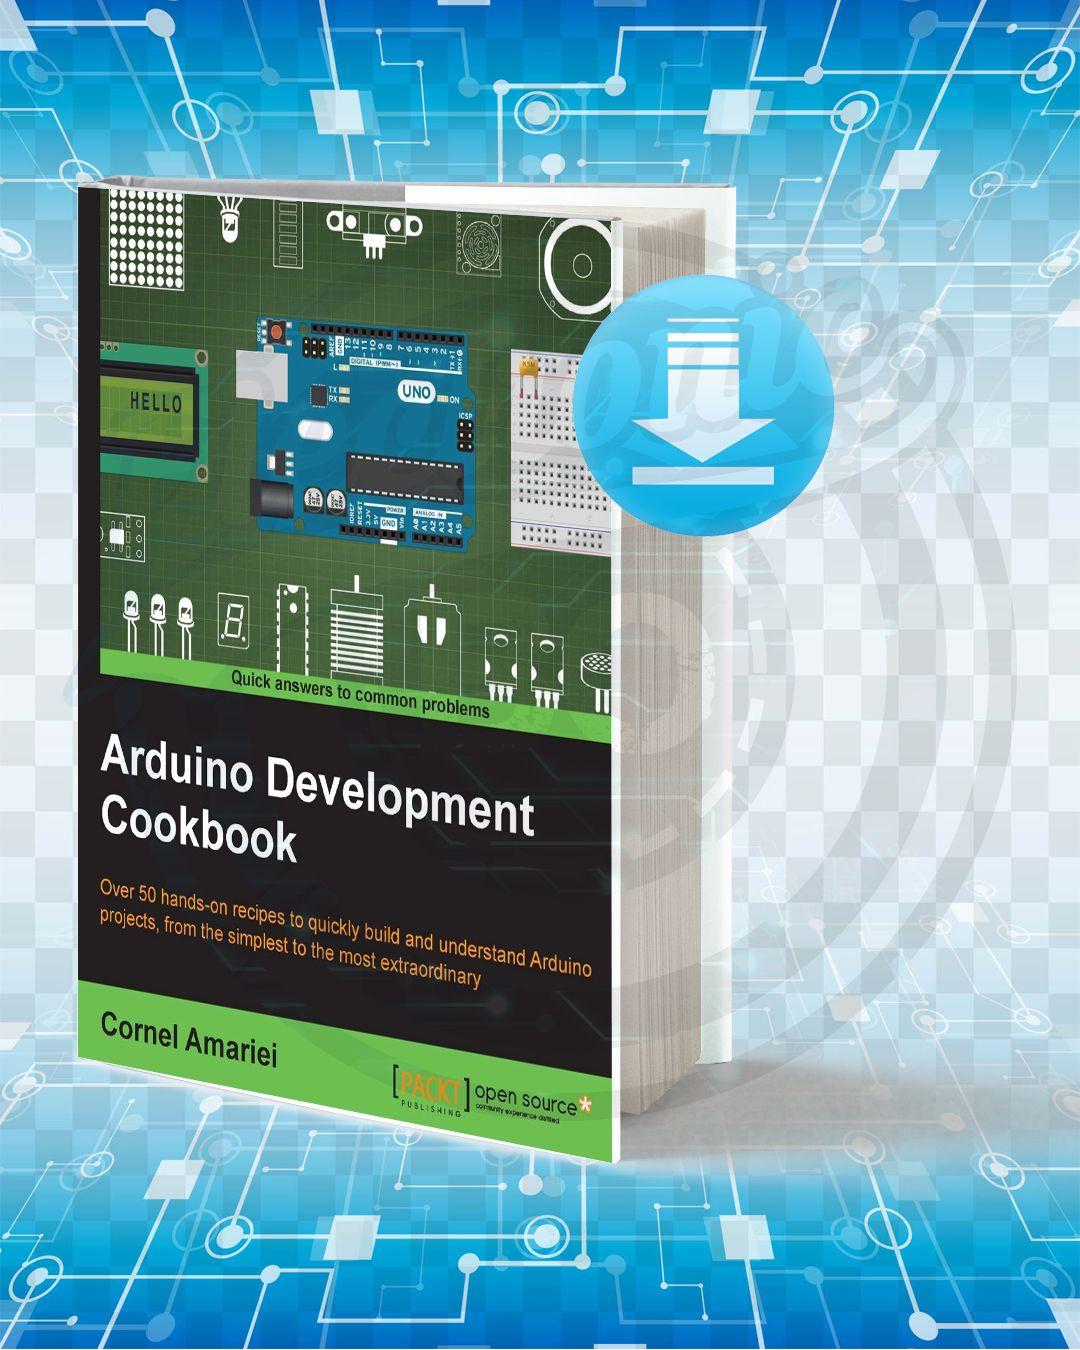 Download Arduino Development Cookbook pdf. Arduino